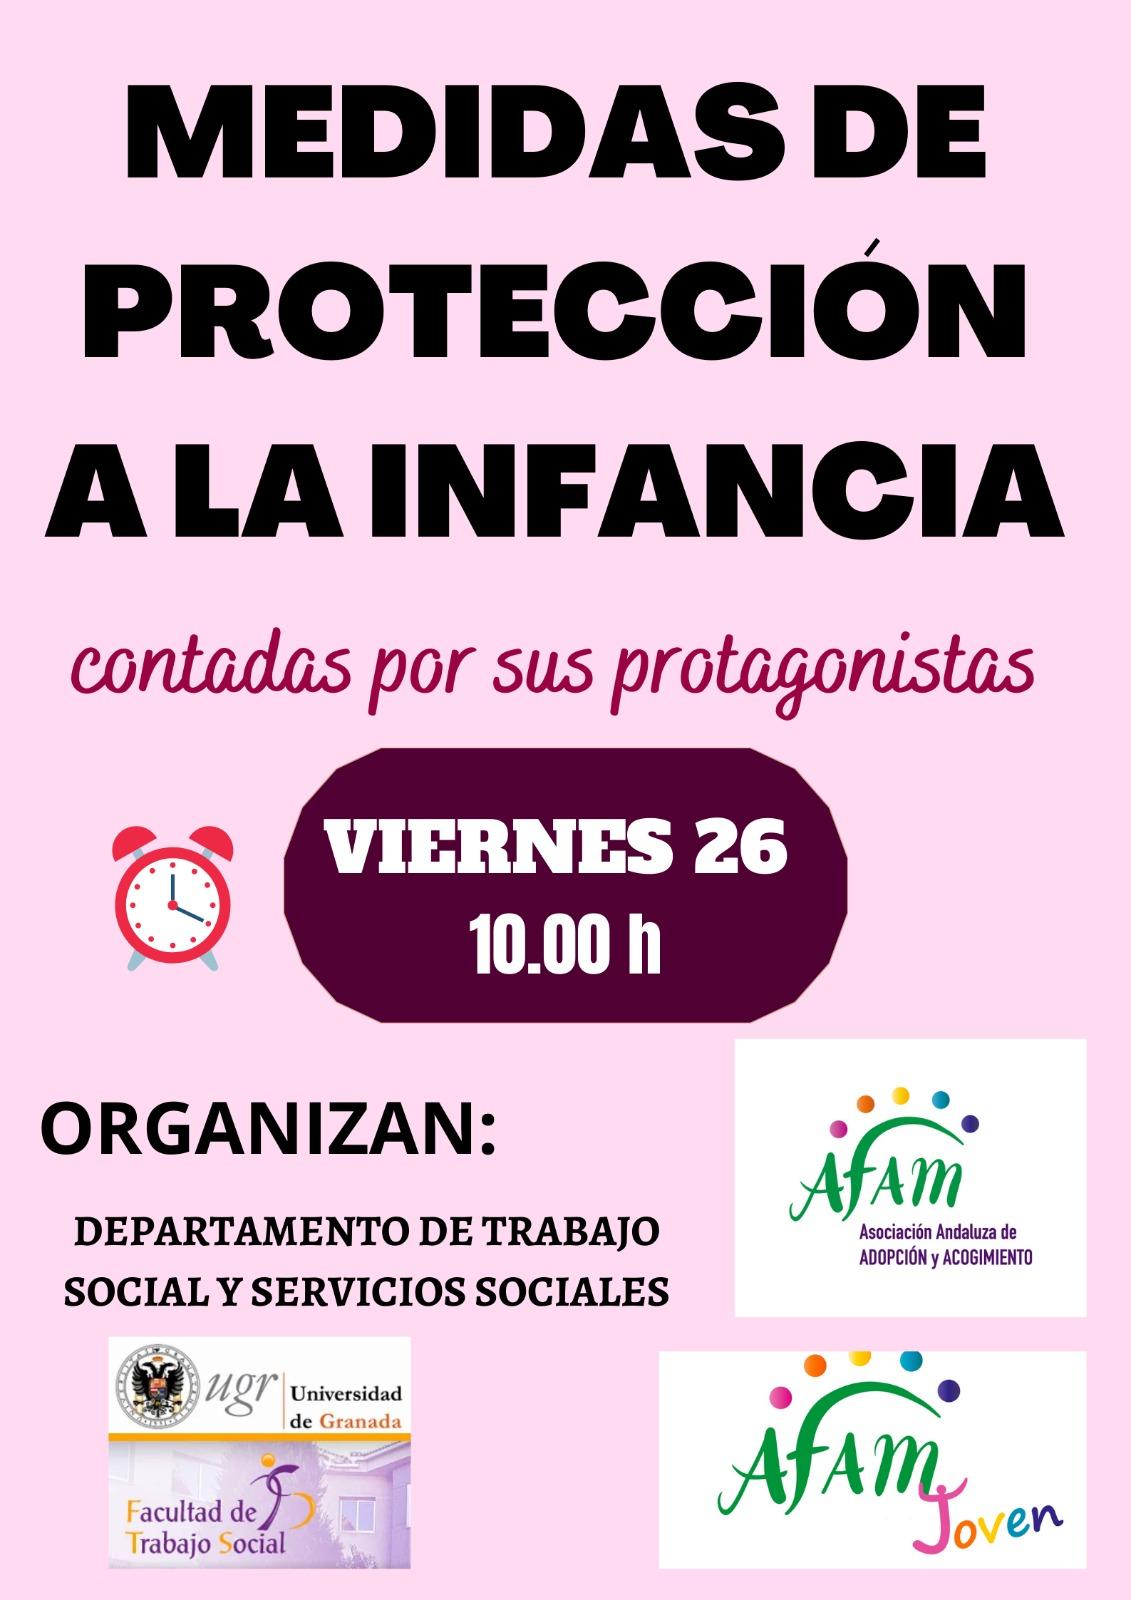 PROTECCION A LA INFANCIA CONTADA POR SUS PROTAGONISTAS